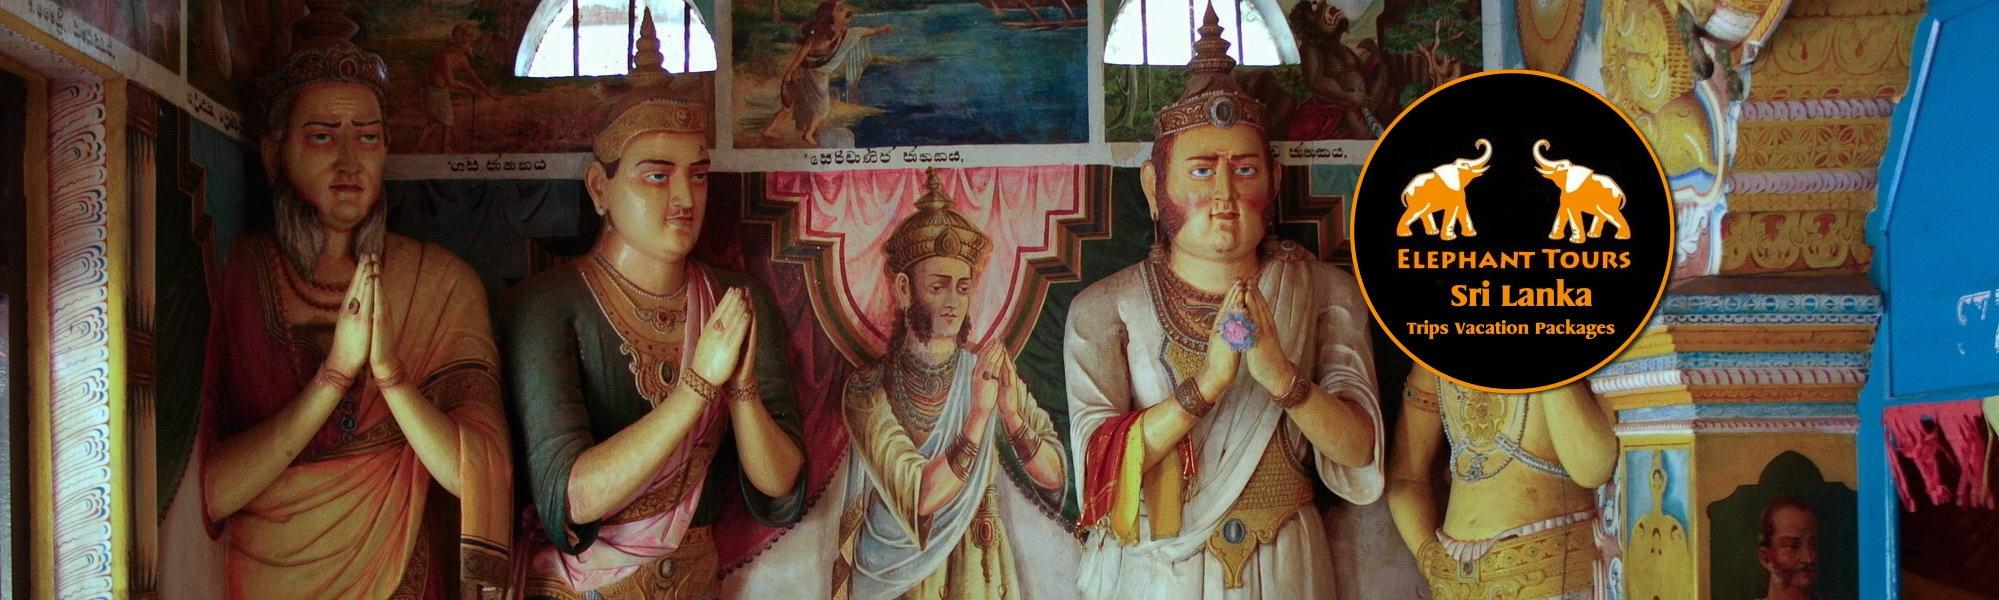 Sri-Lanka-Jetavanaramaya